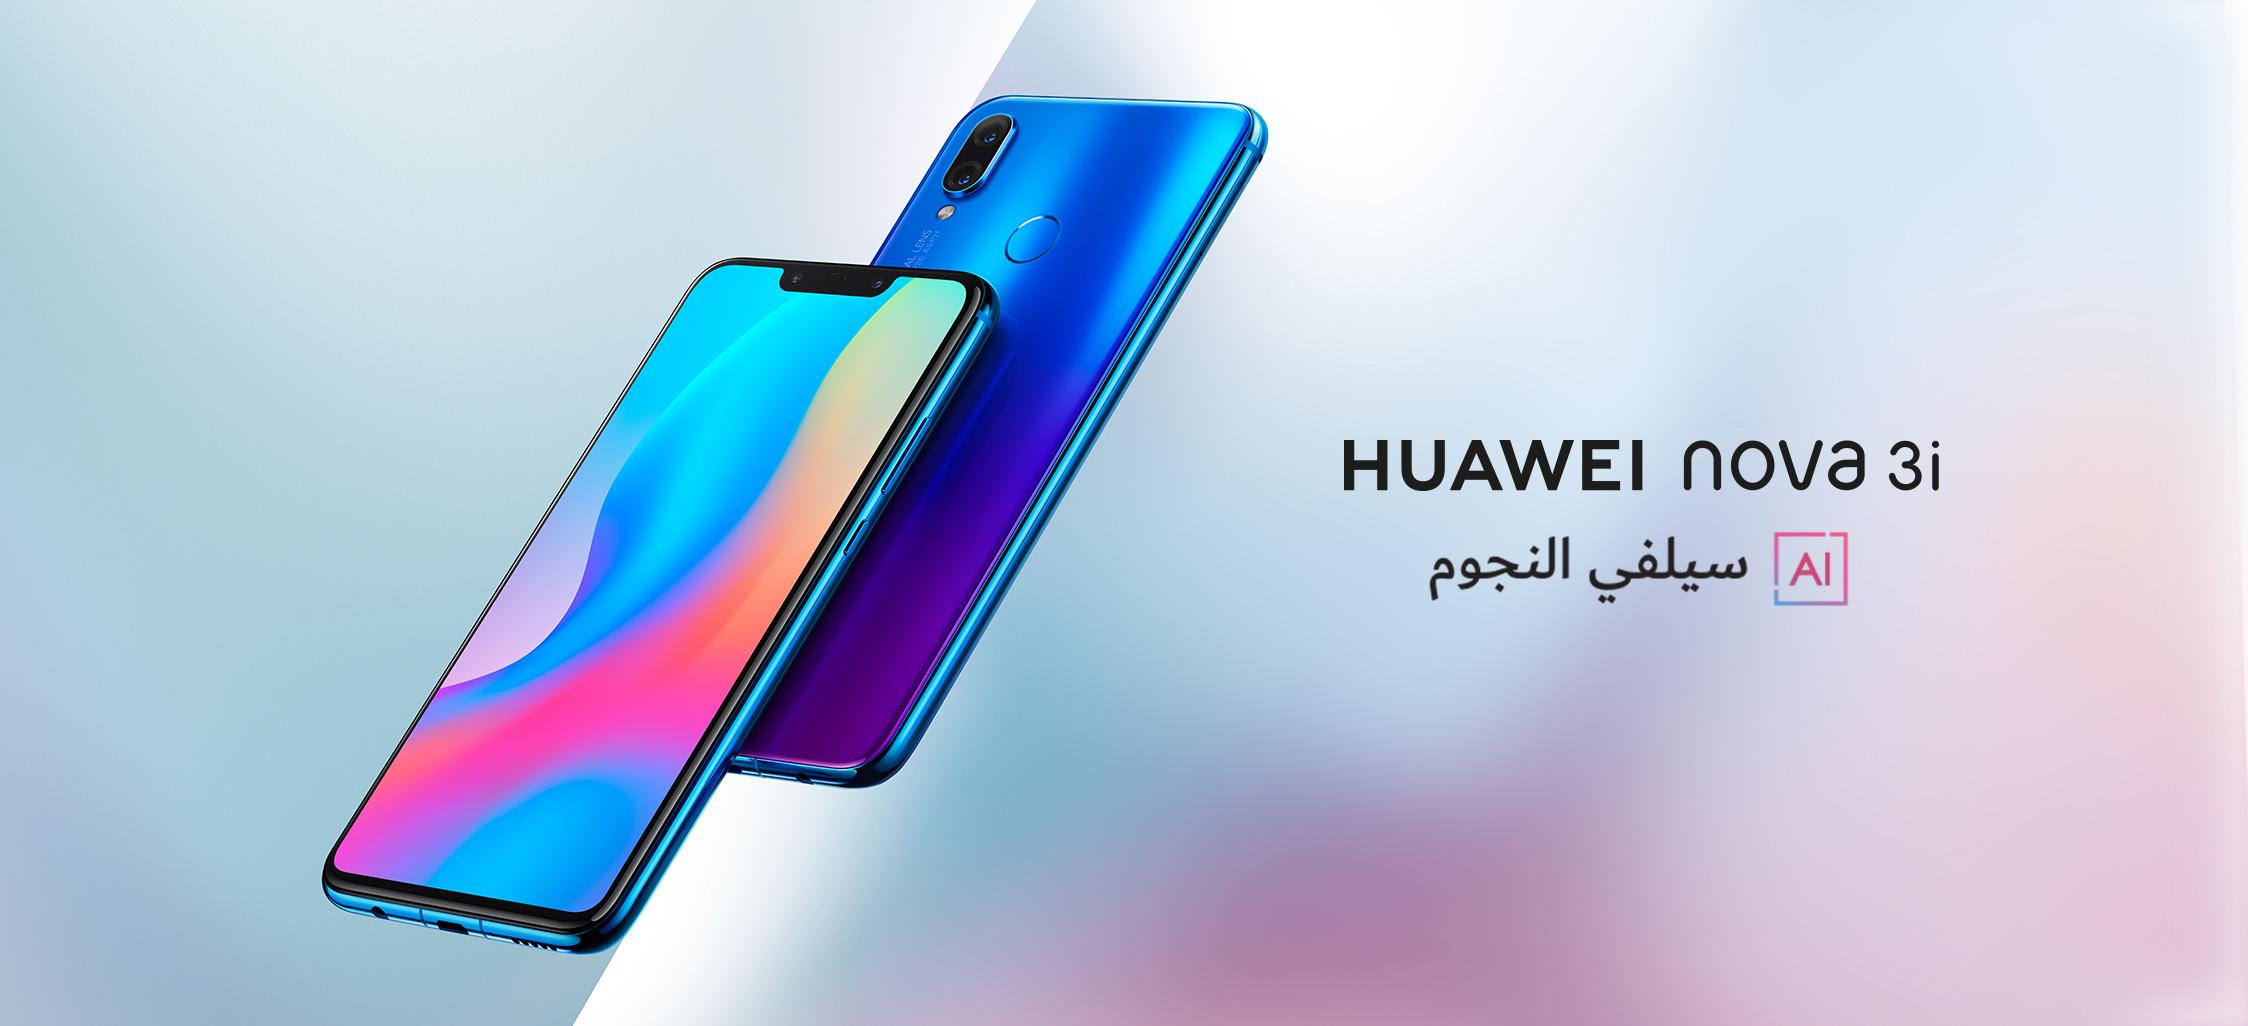 الهاتف الذكي Huawei Nova 3i سيلفي النجوم المدعومة بـai